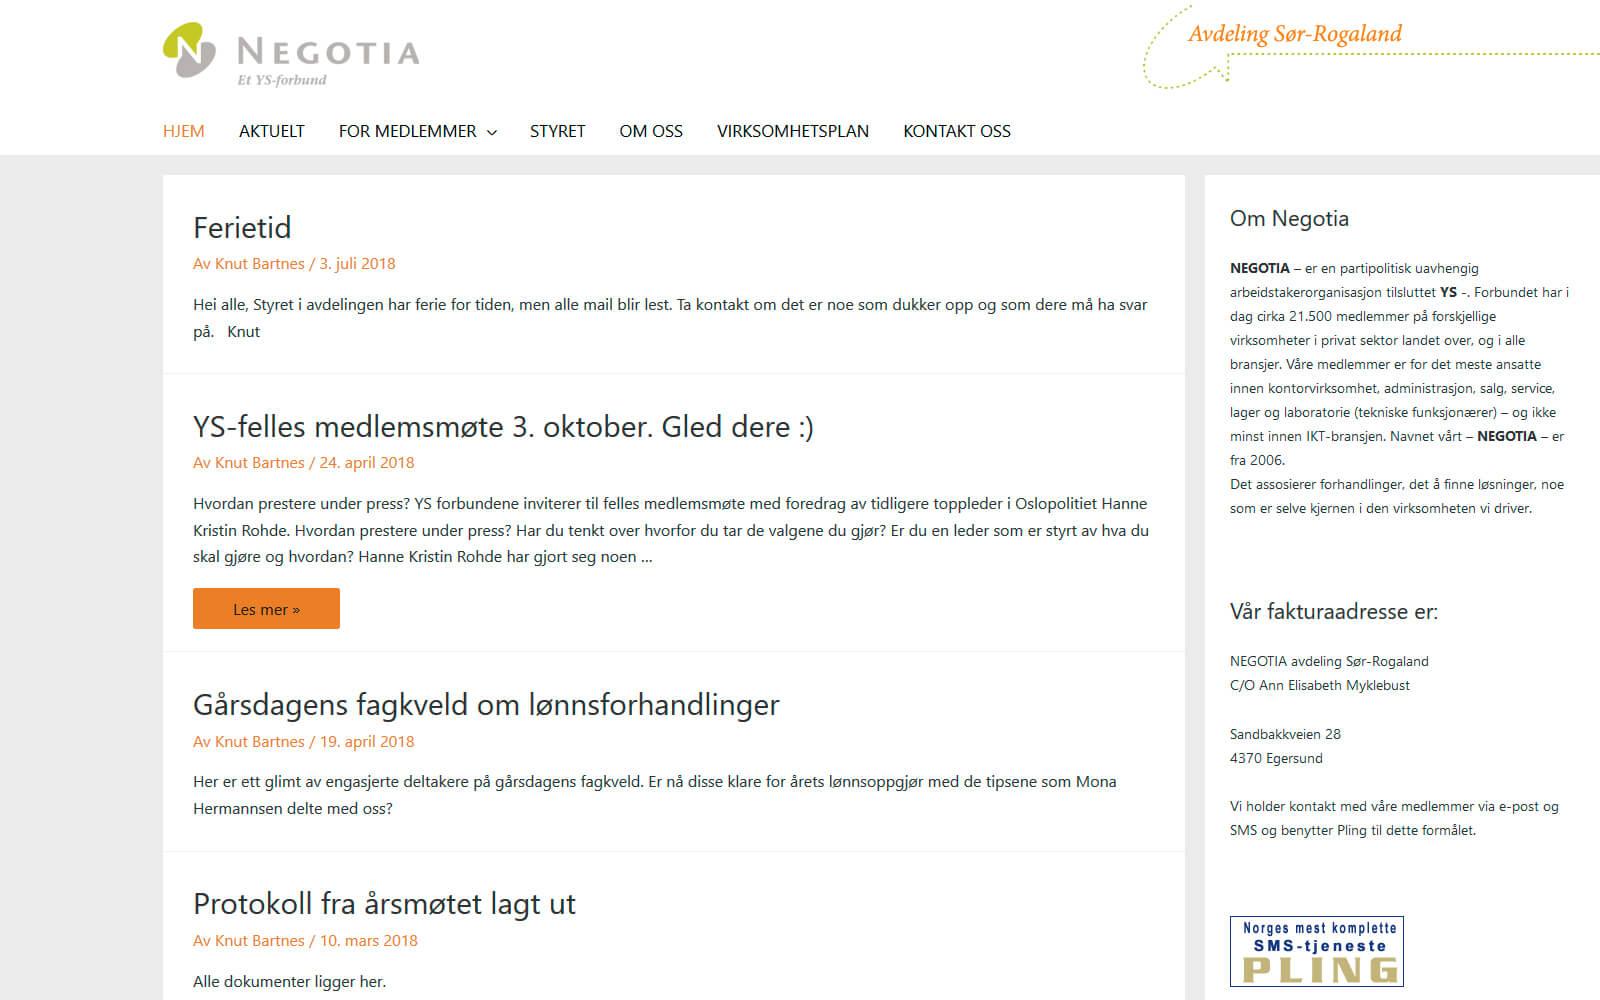 Negotia avdelingswebside